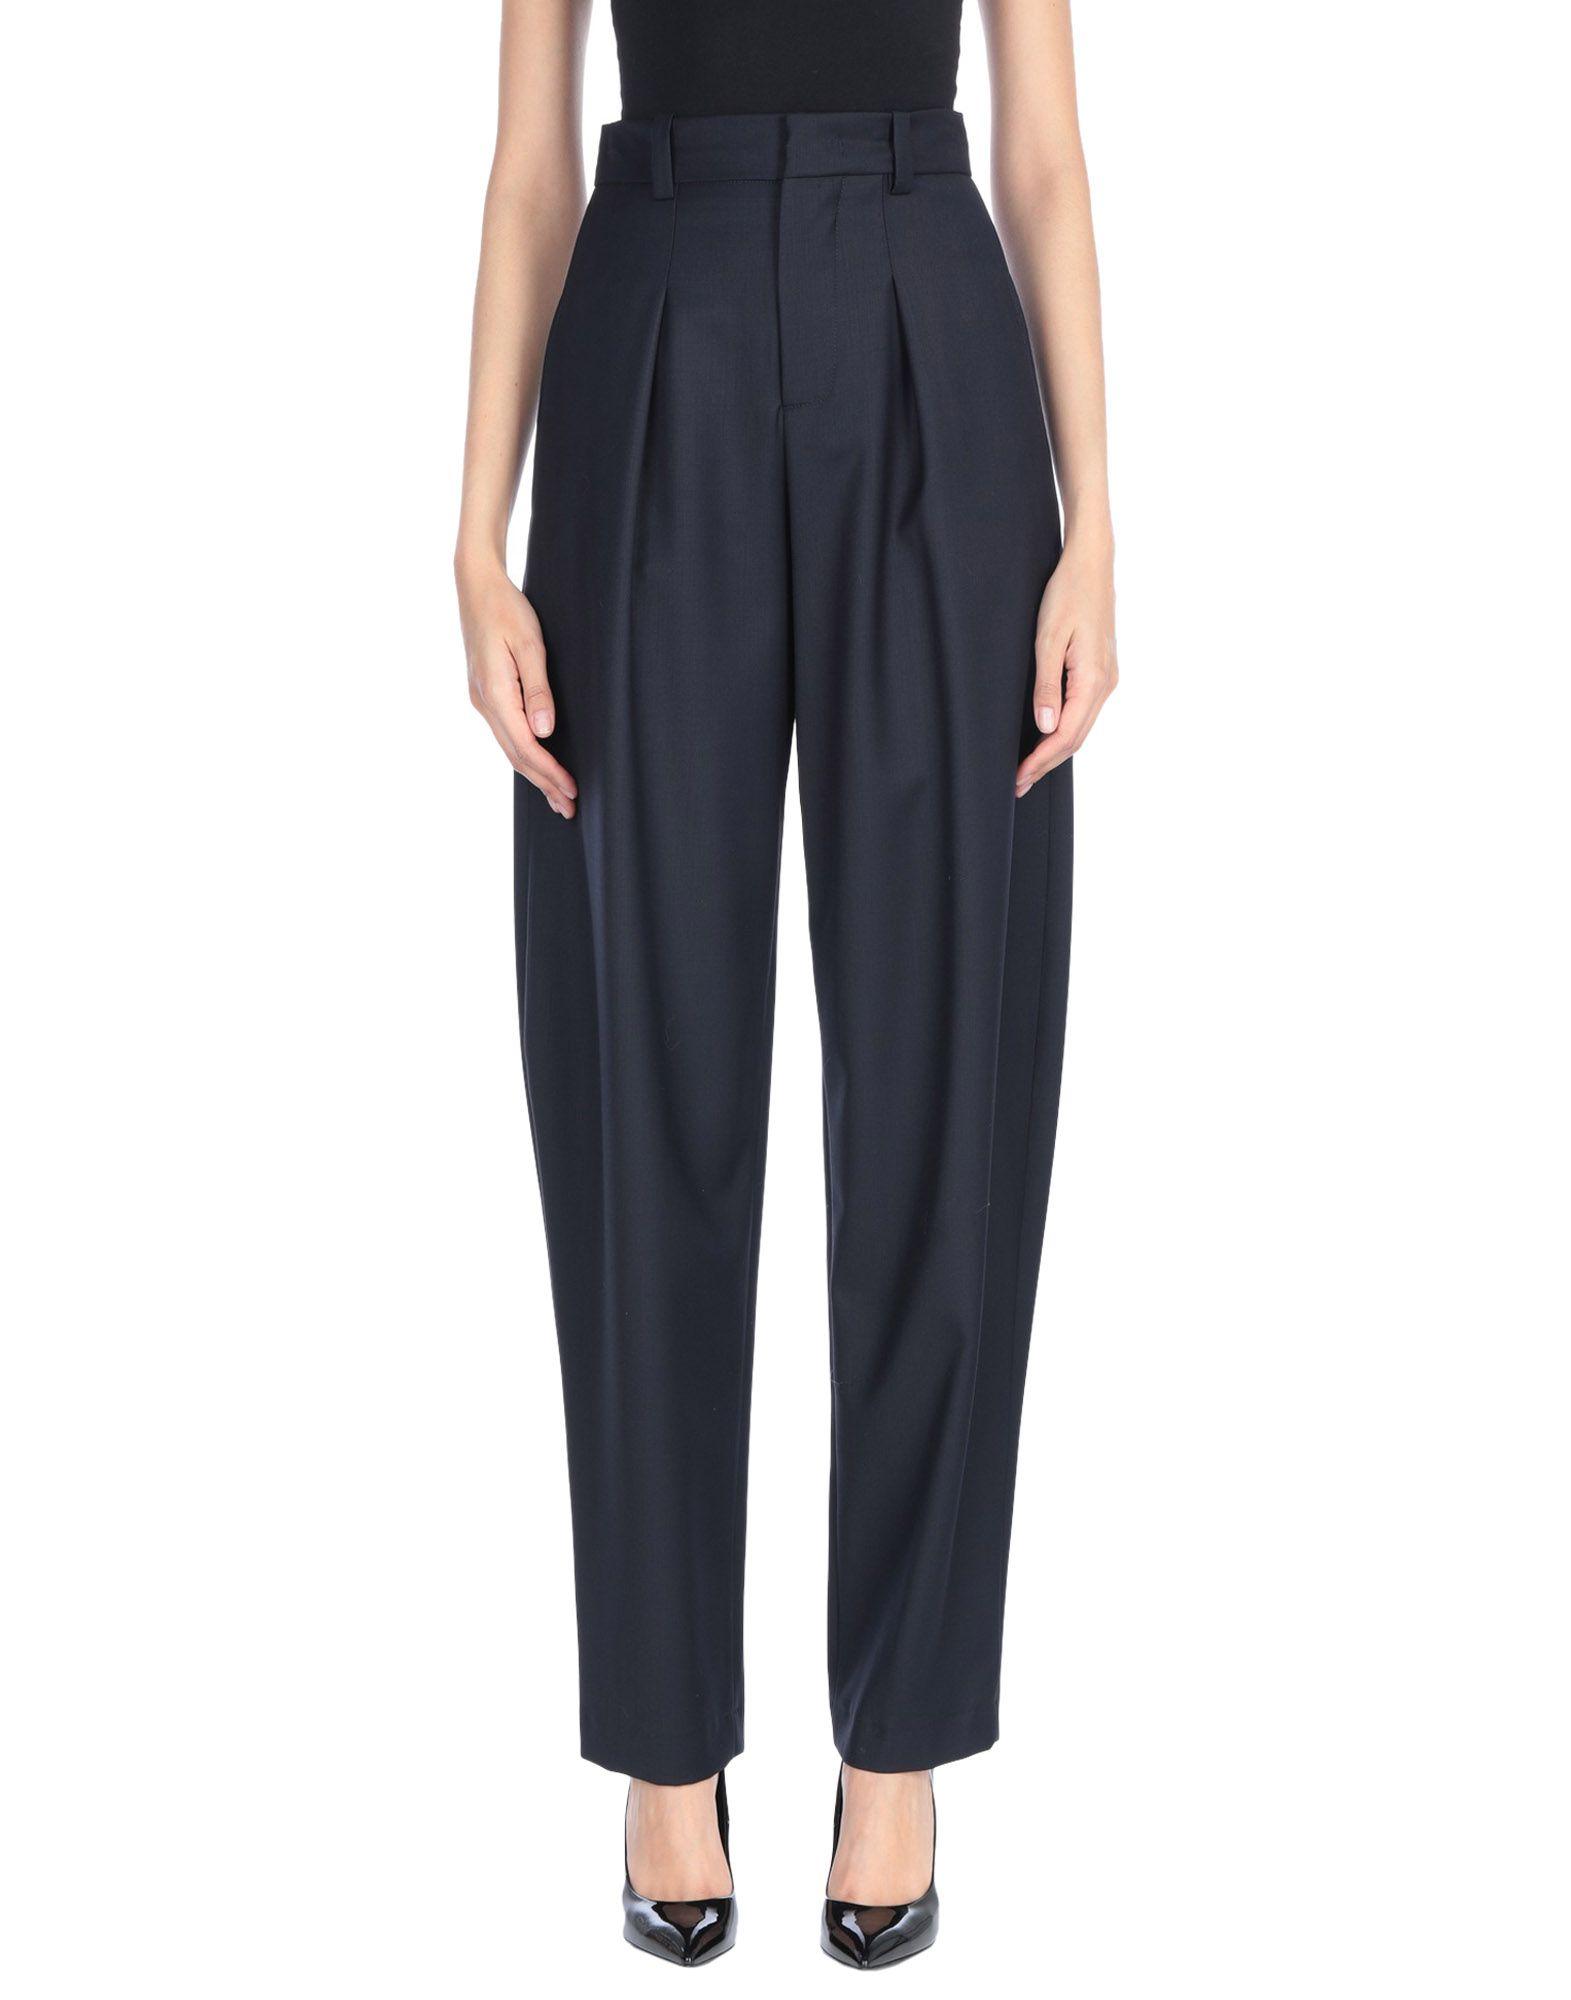 Pantalone Erika Cavallini donna donna donna - 13319427IK dcf